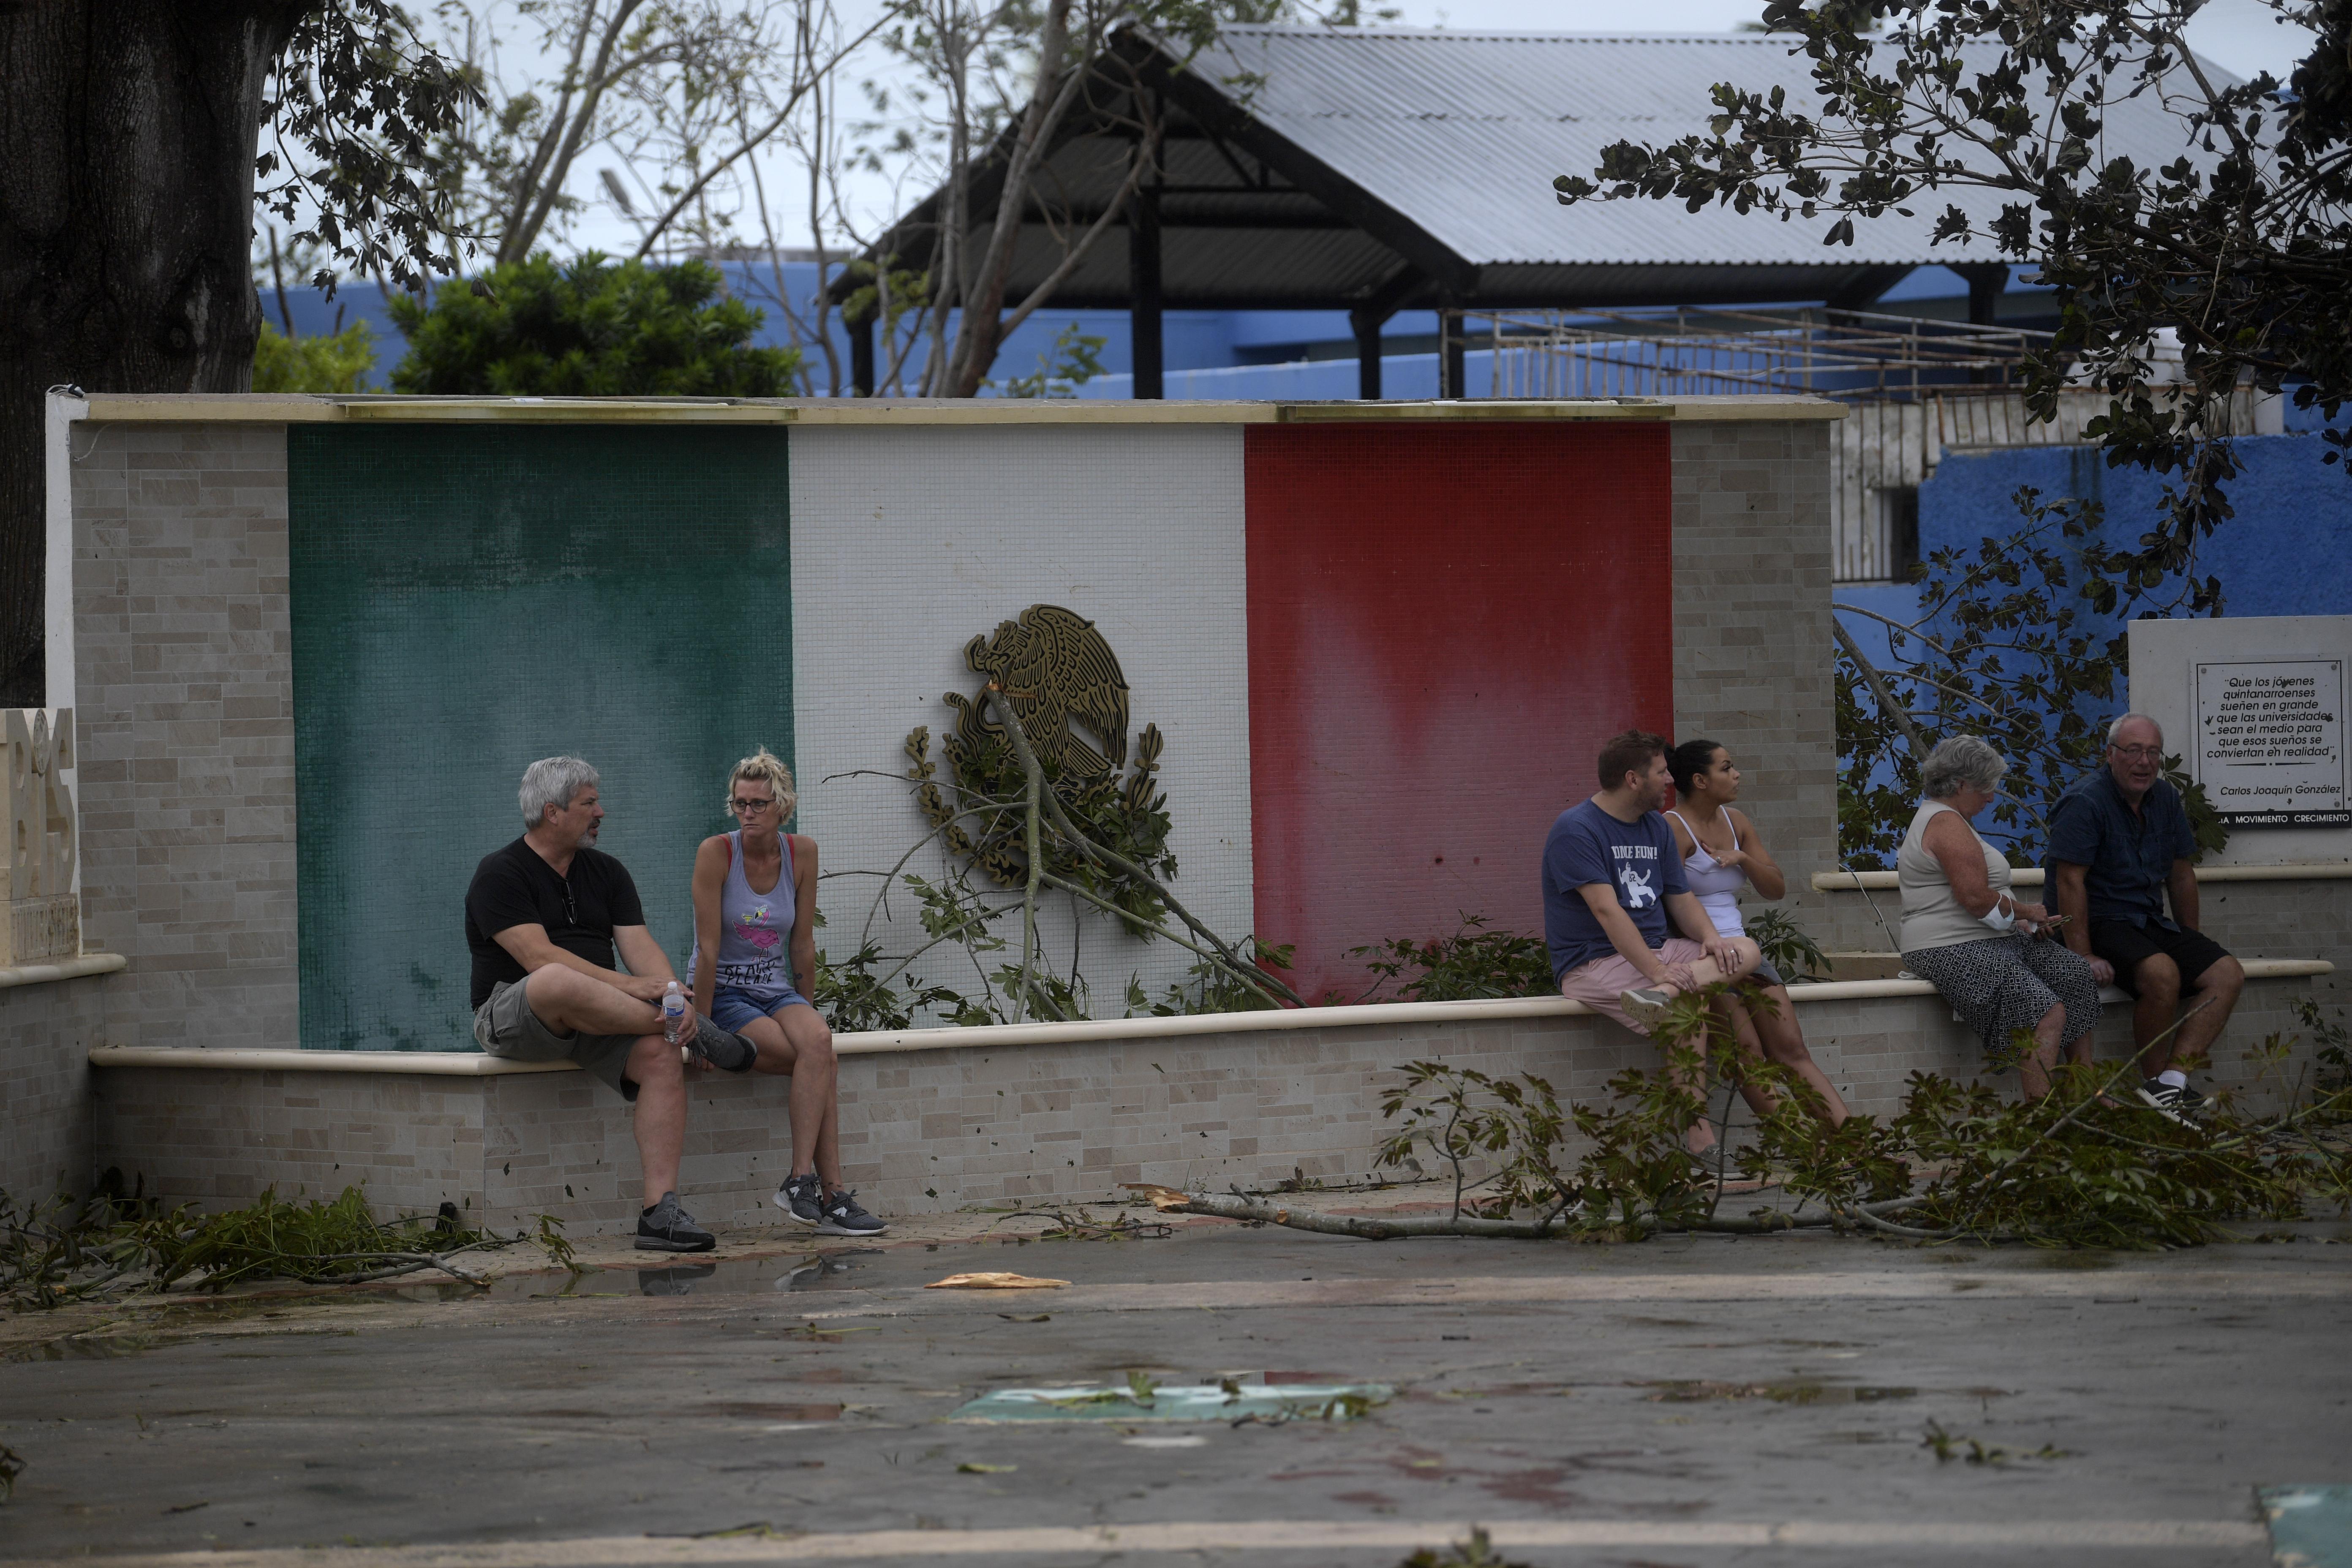 Los turistas permanecen afuera de un refugio después del paso del huracán Delta en Cancún, estado de Quintana Roo, México, el 7 de octubre de 2020.